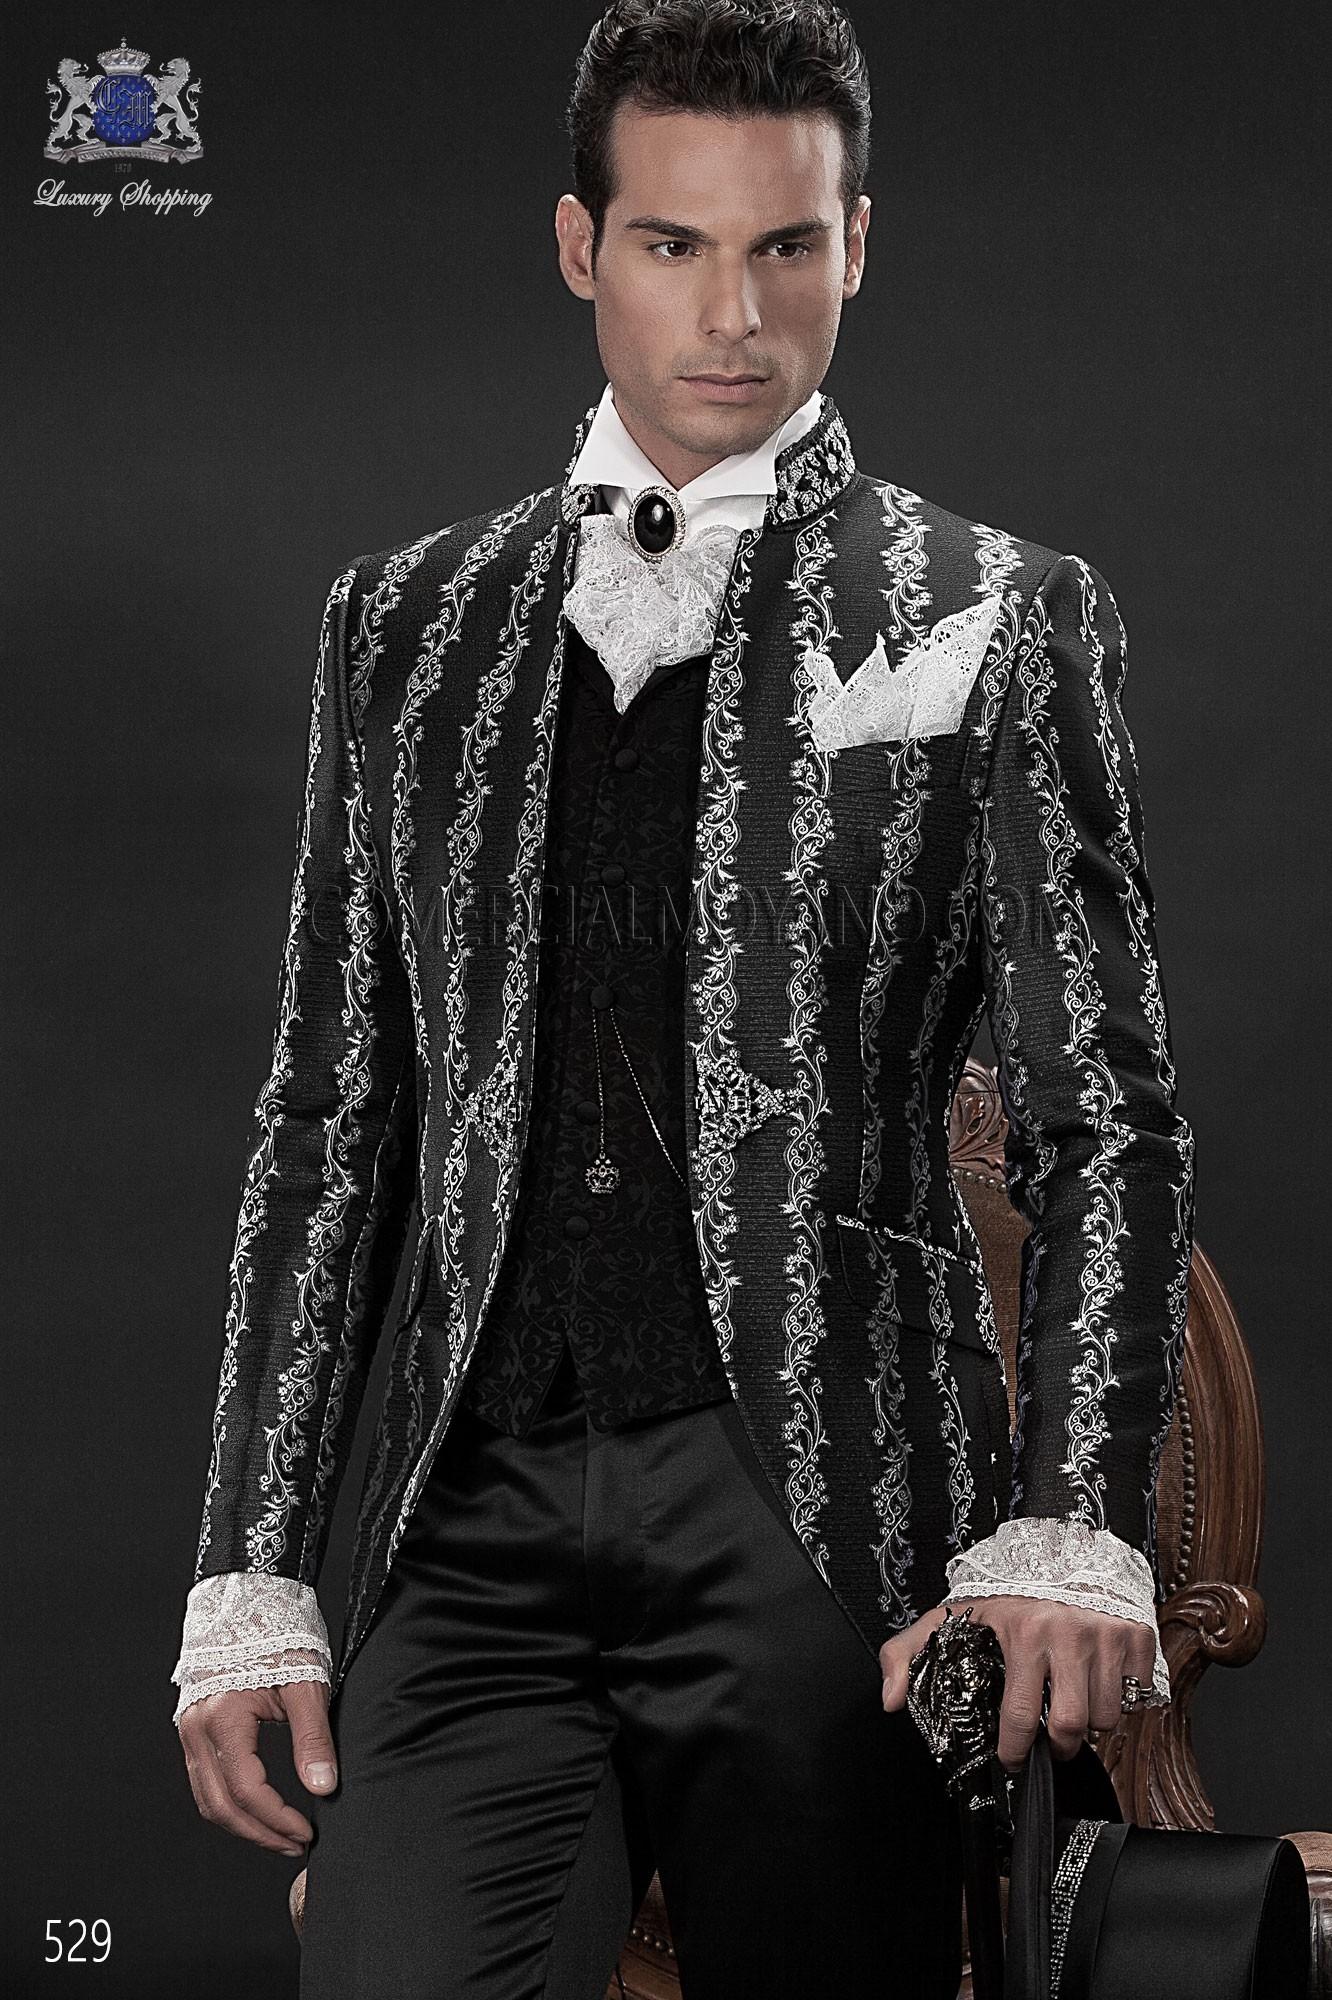 Traje de novio barroco plata y negro modelo: 529 Ottavio Nuccio Gala colección Barroco